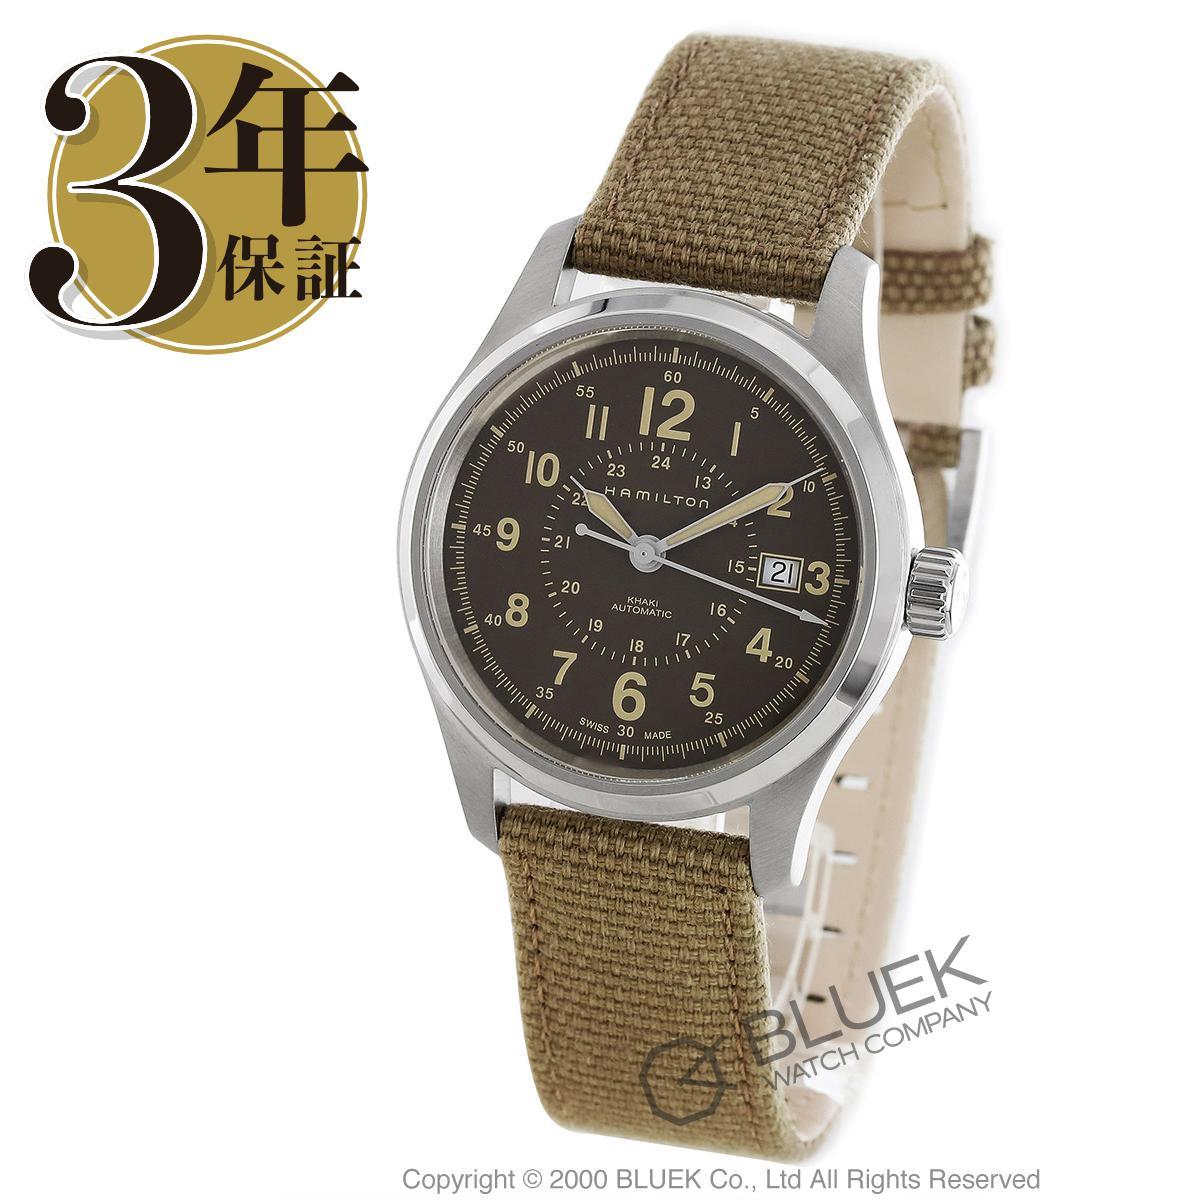 ハミルトン カーキ フィールド キャンパスレザー 腕時計 メンズ HAMILTON H70305993_3